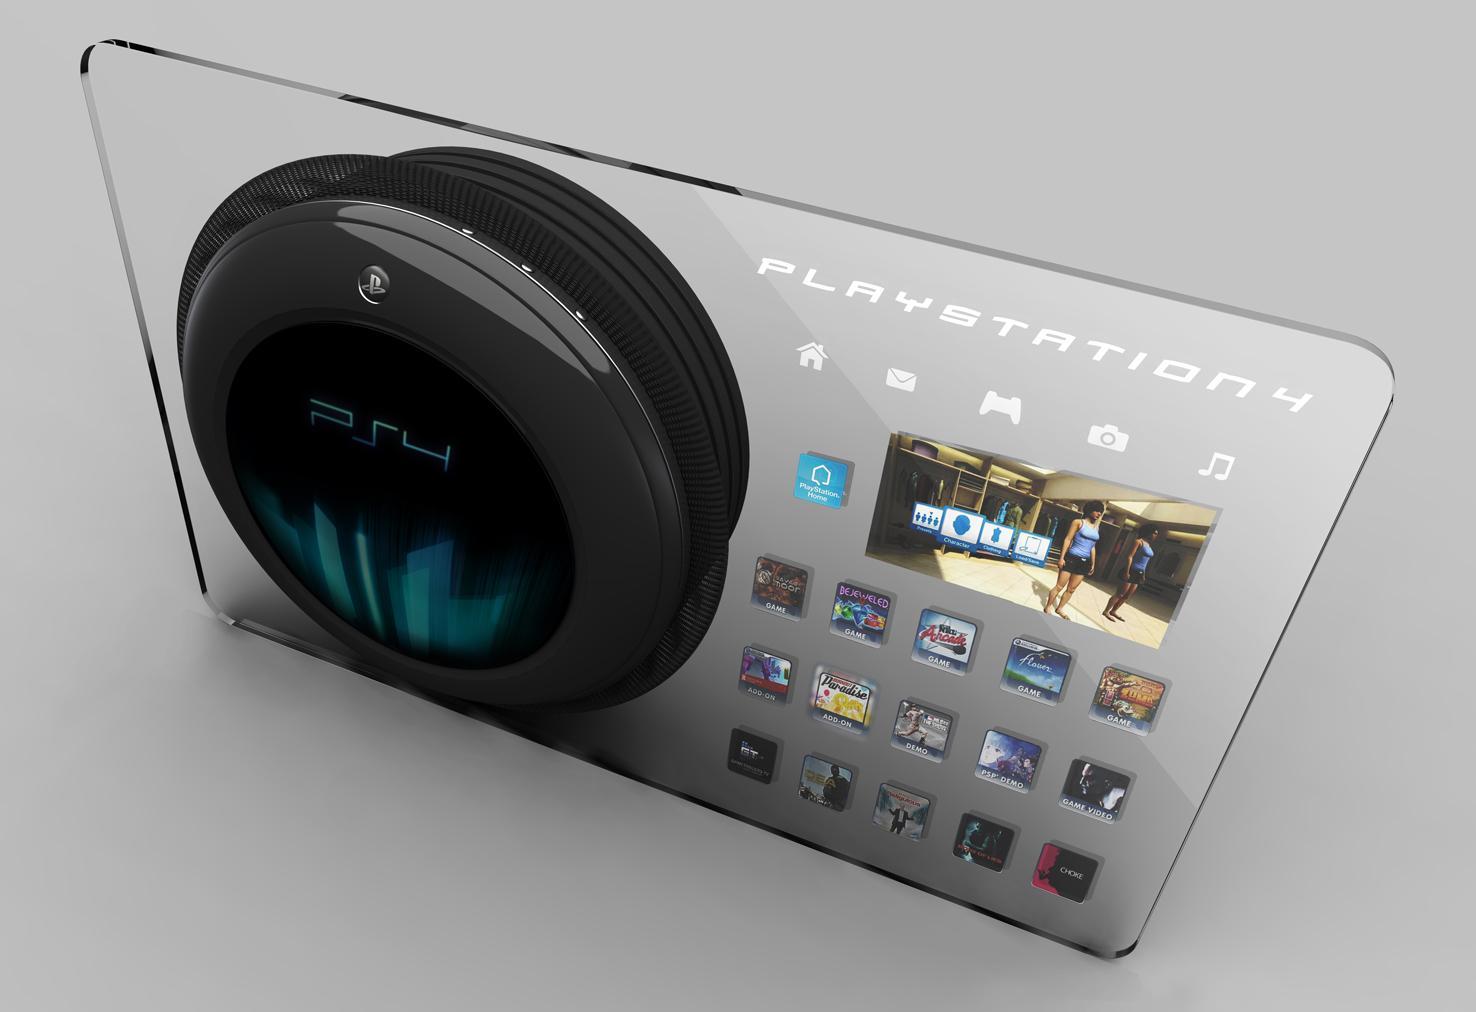 تصاویری از پلی استیشن 4 play station| wWw.CampFa.ir